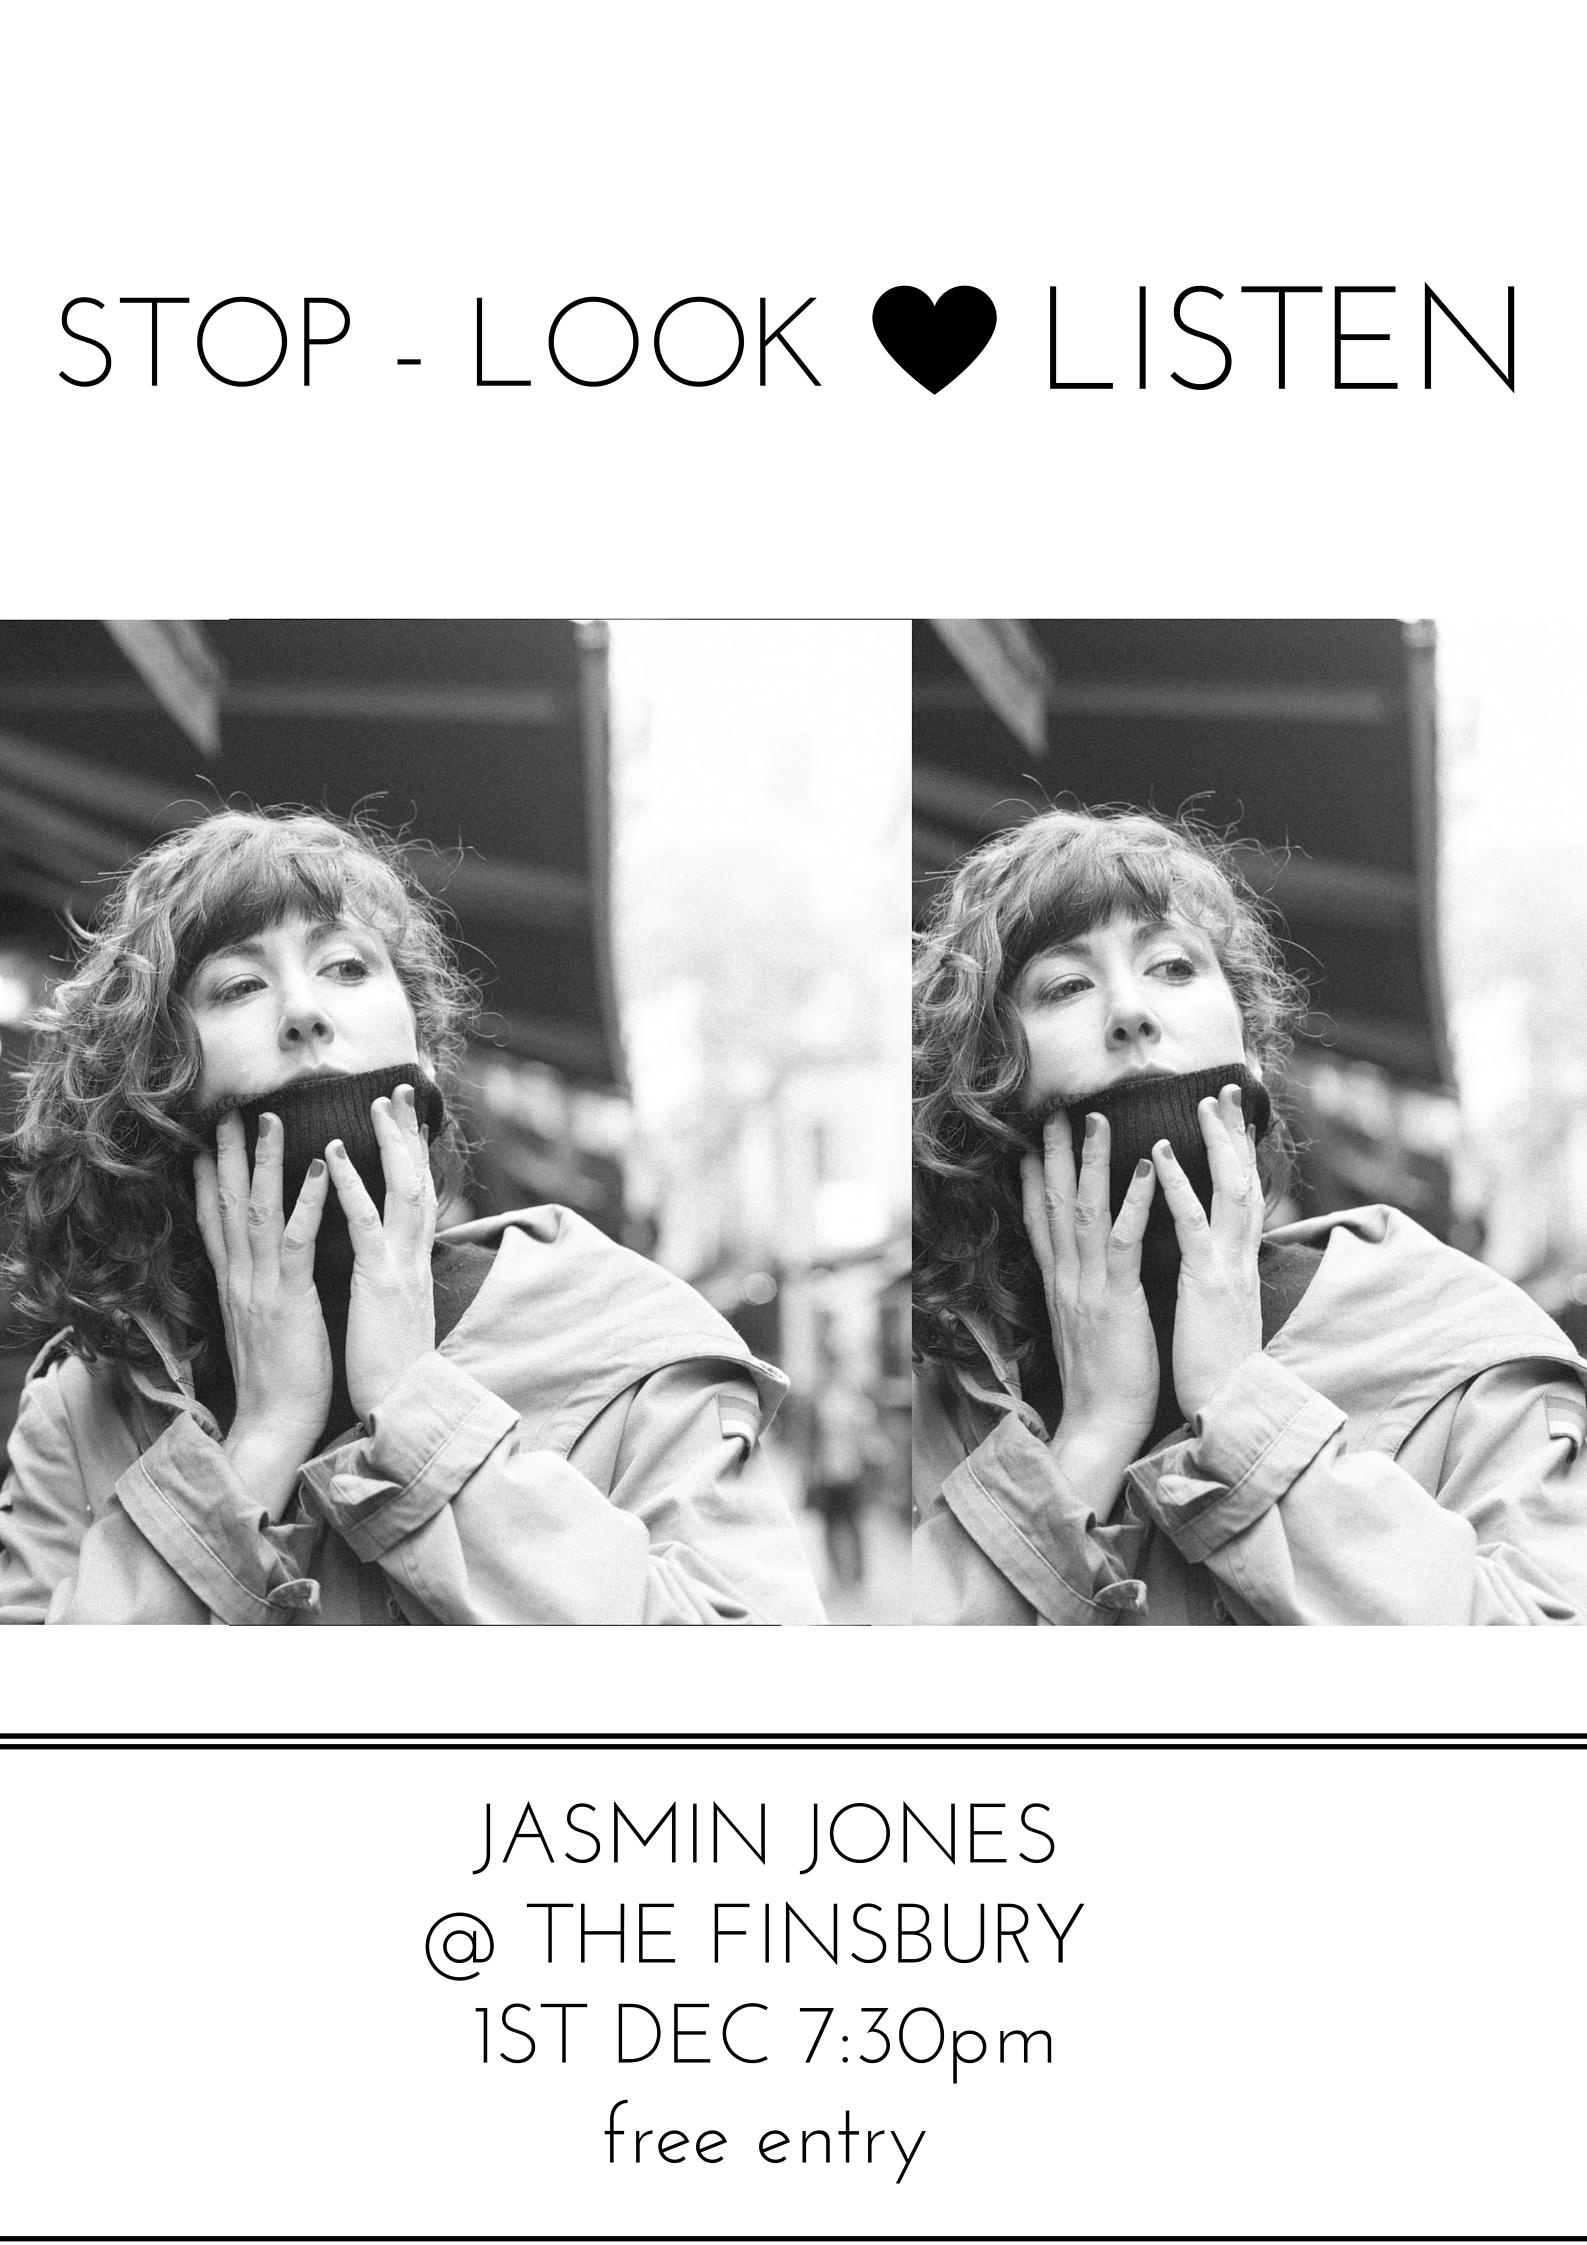 STOP - LOOK - LISTEN